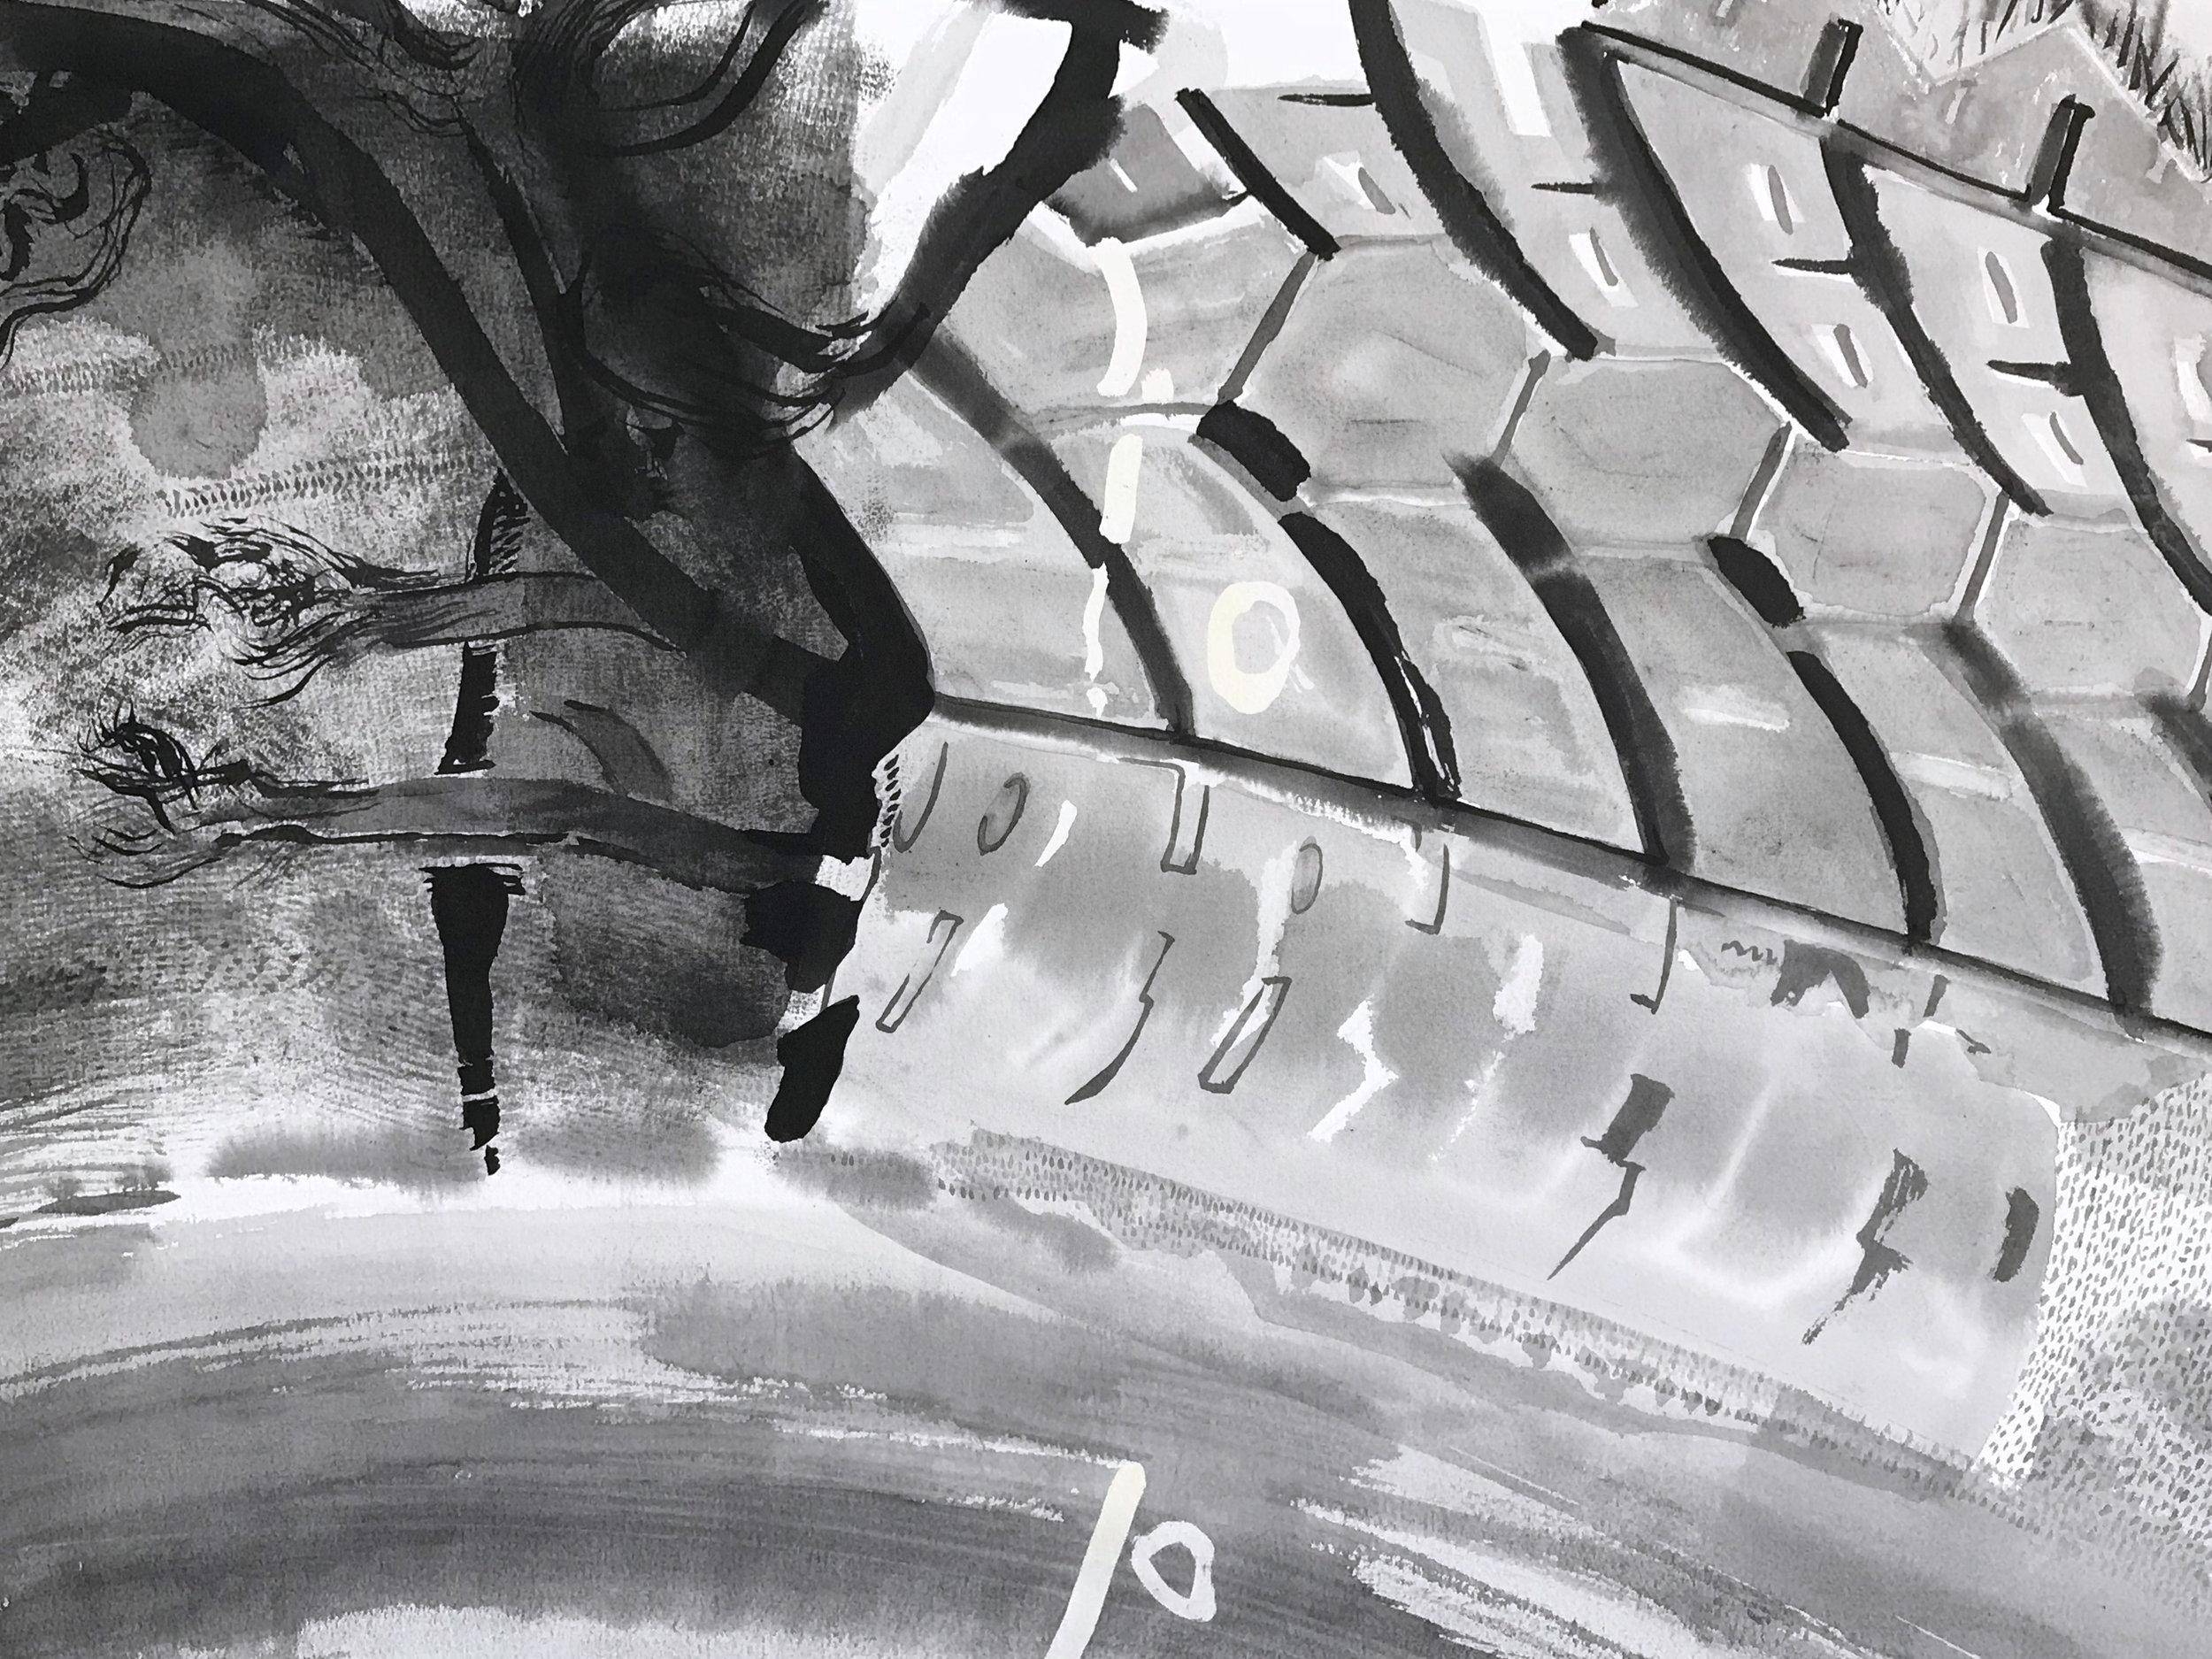 Detail of FUGUE (tire)